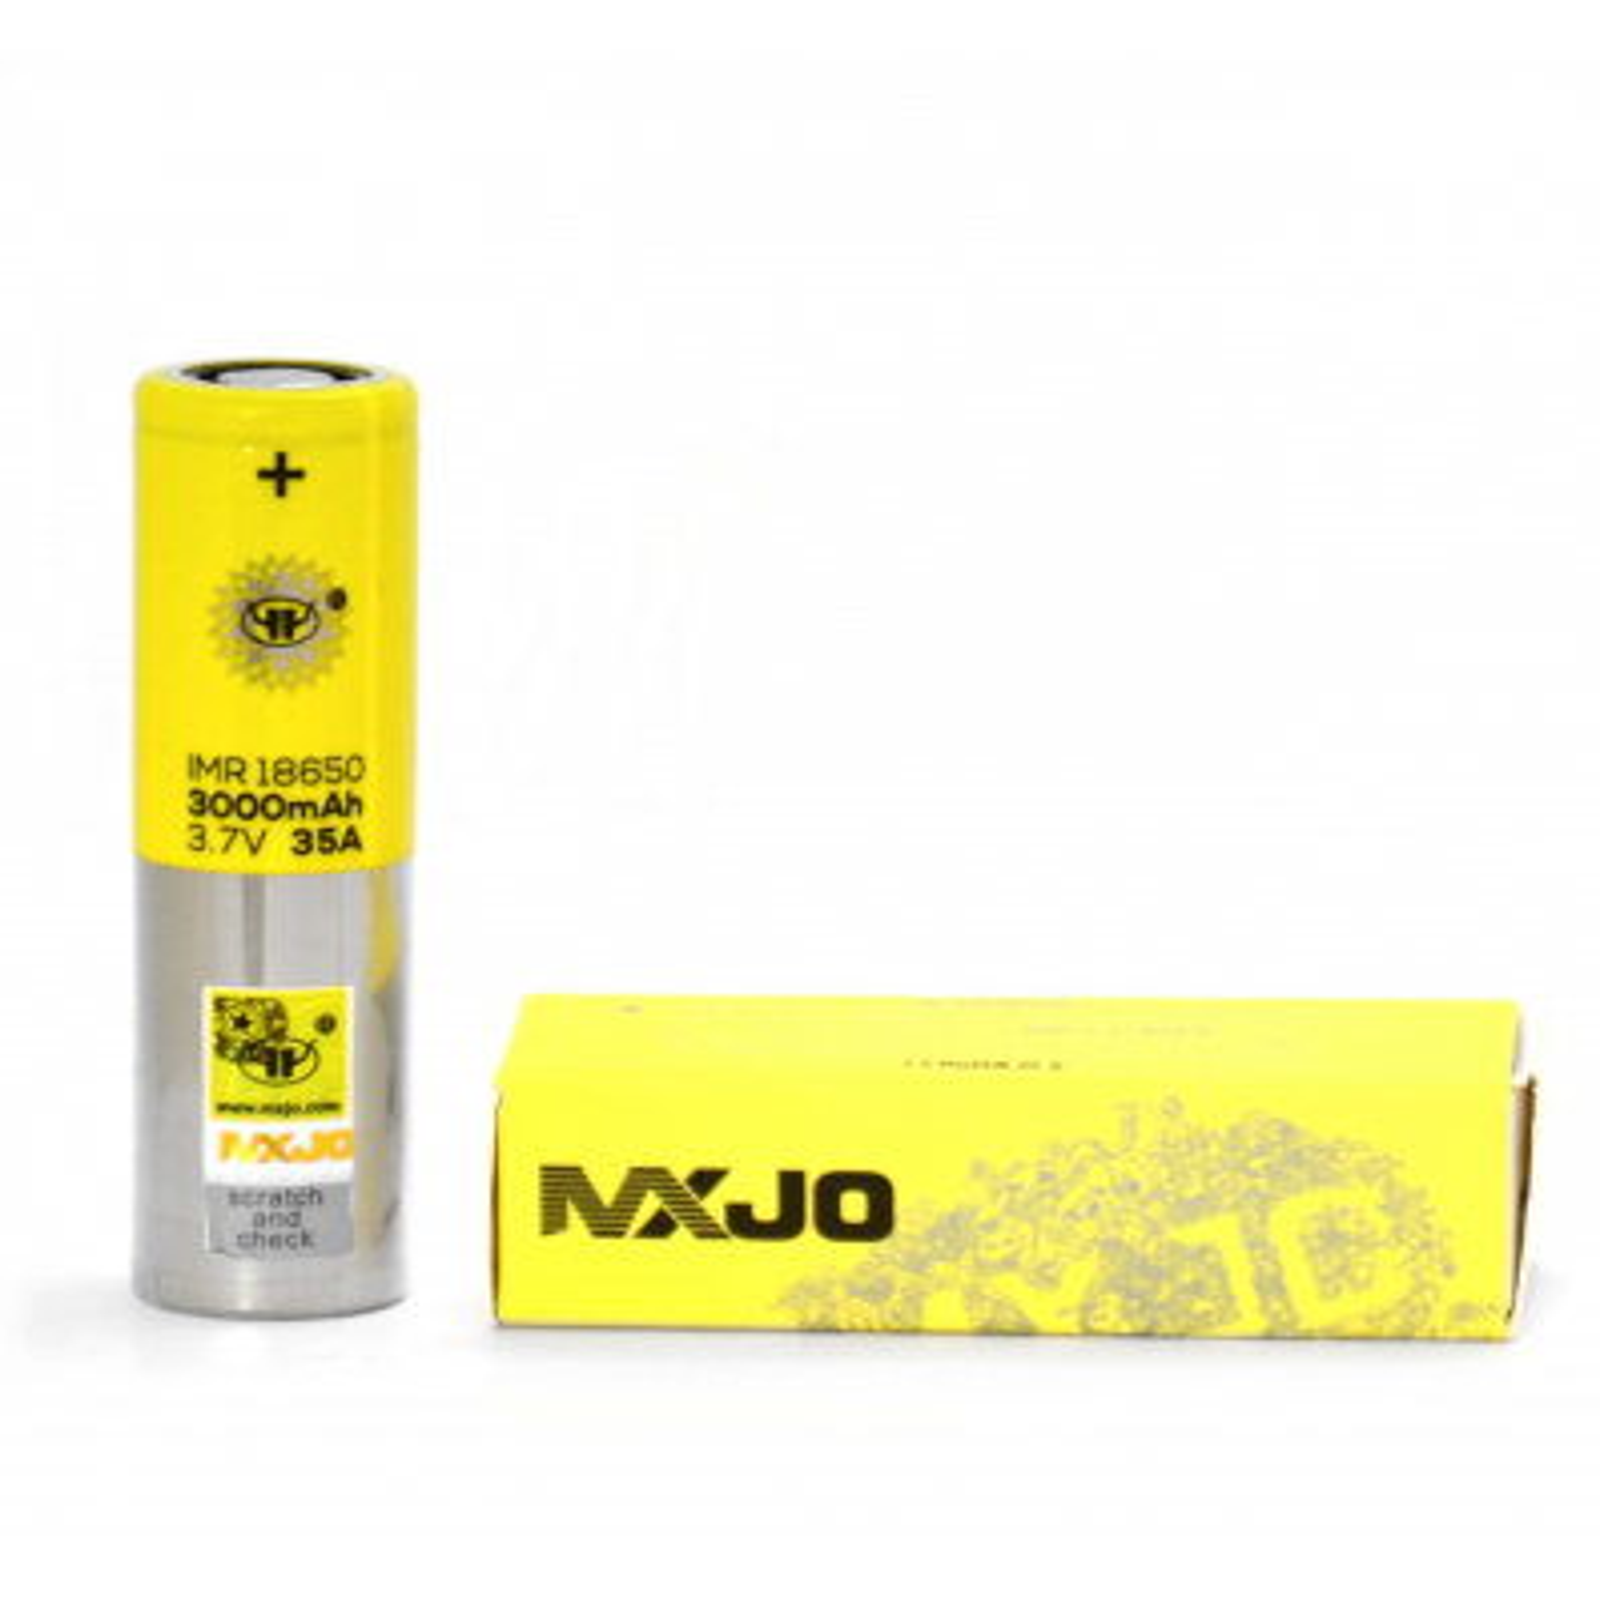 Accu Mxjo 18650 (3000 mah) - MXJO